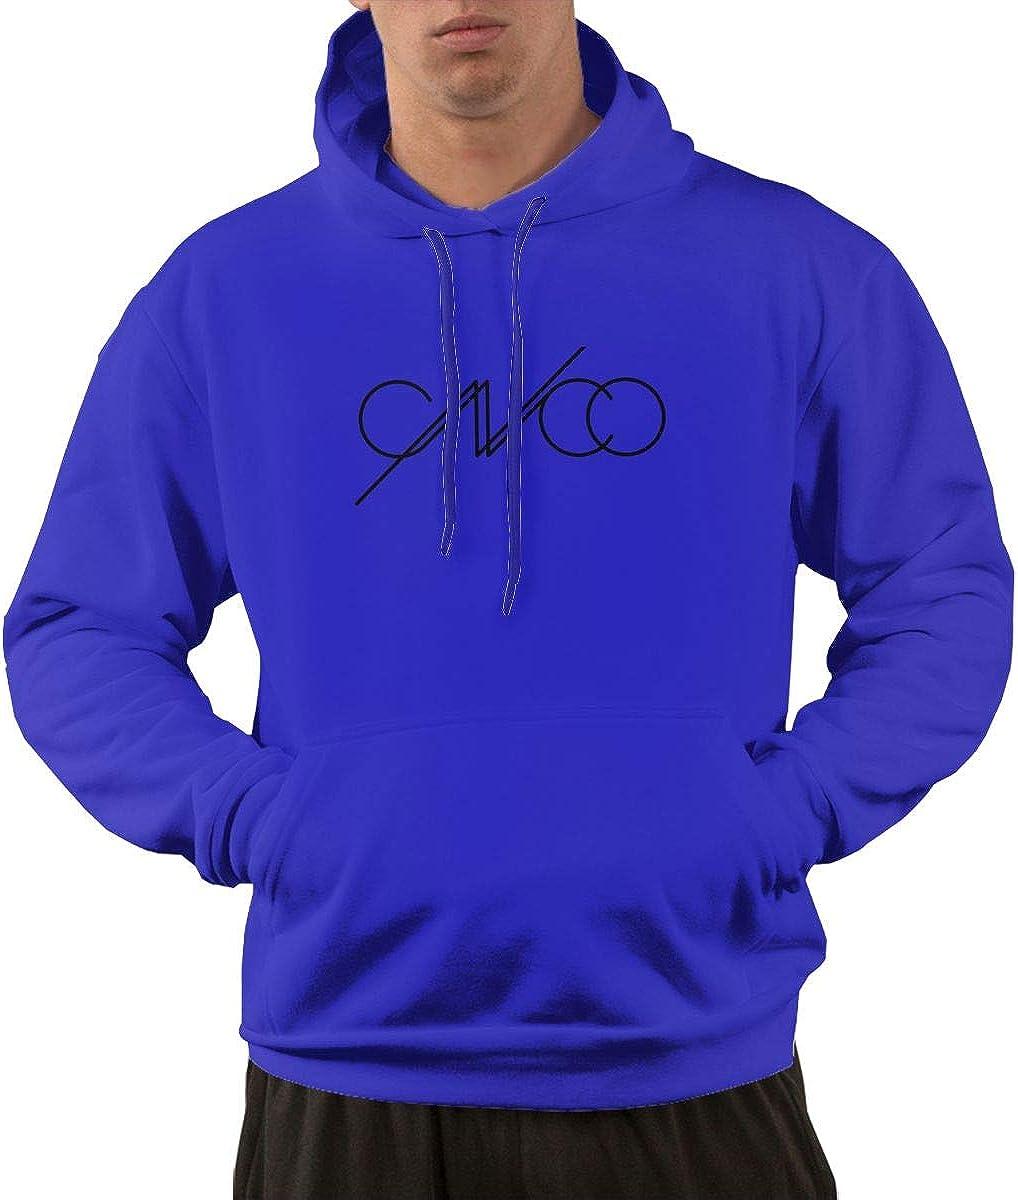 JUDSON Mans Fashion CNCO Logo Hoodies Gray